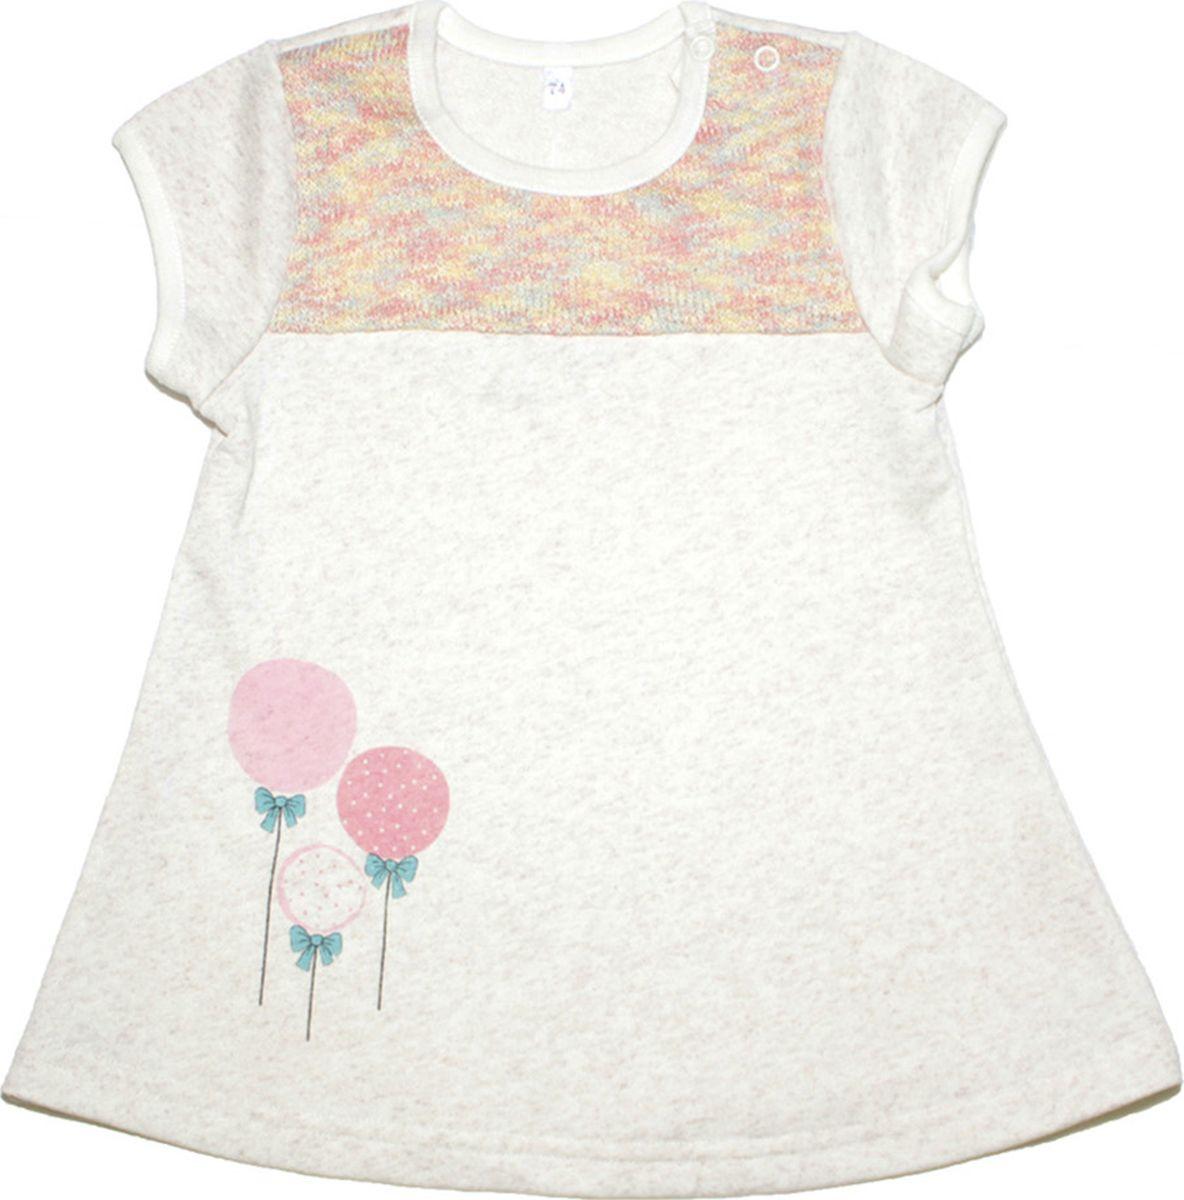 Платье Осьминожка комплект одежды для девочки осьминожка дружба цвет молочный розовый т 3122в размер 56